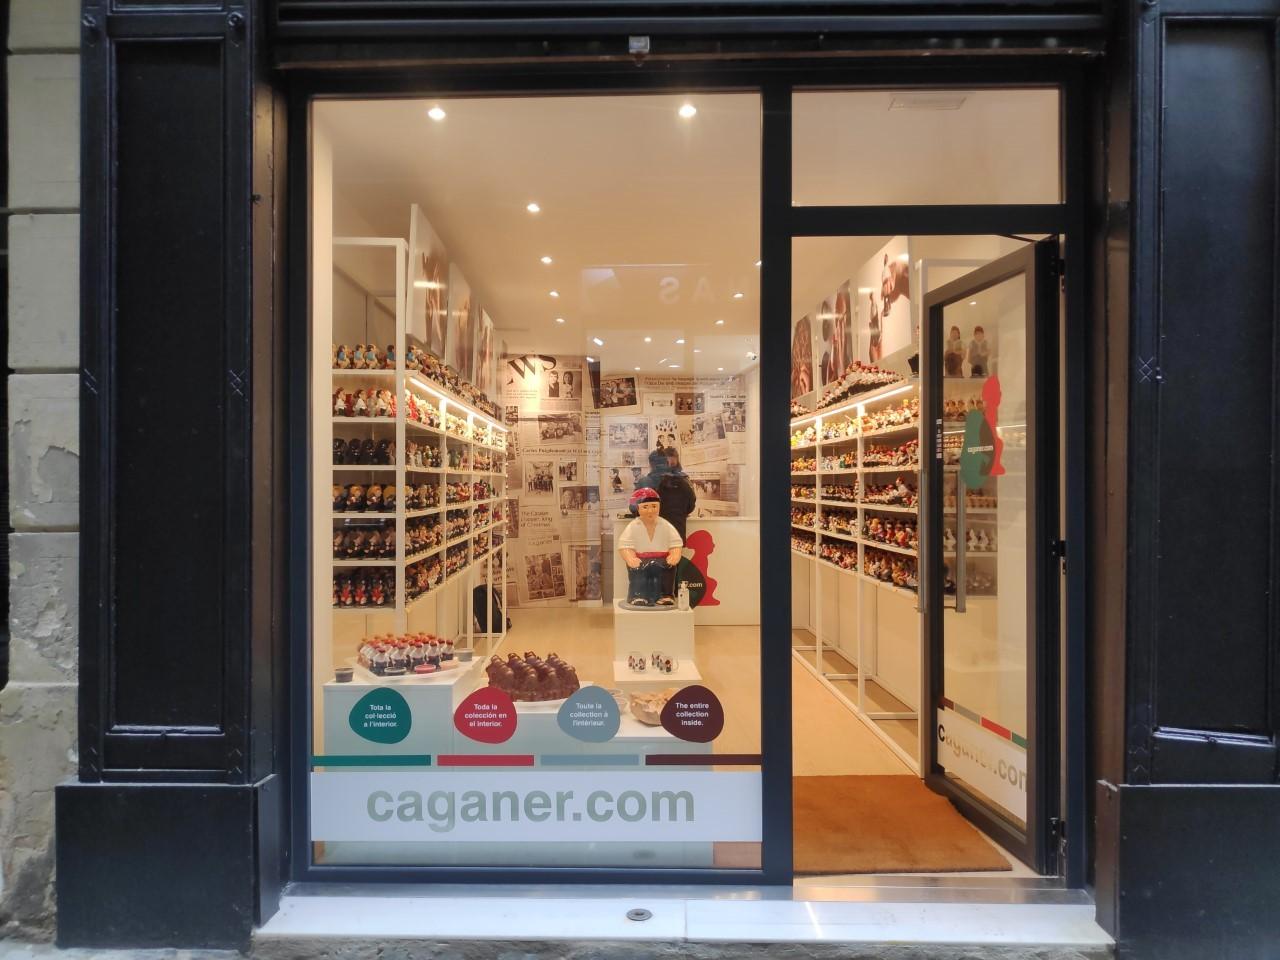 La nueva tienda de Caganer.com en el centro de Barcelona.